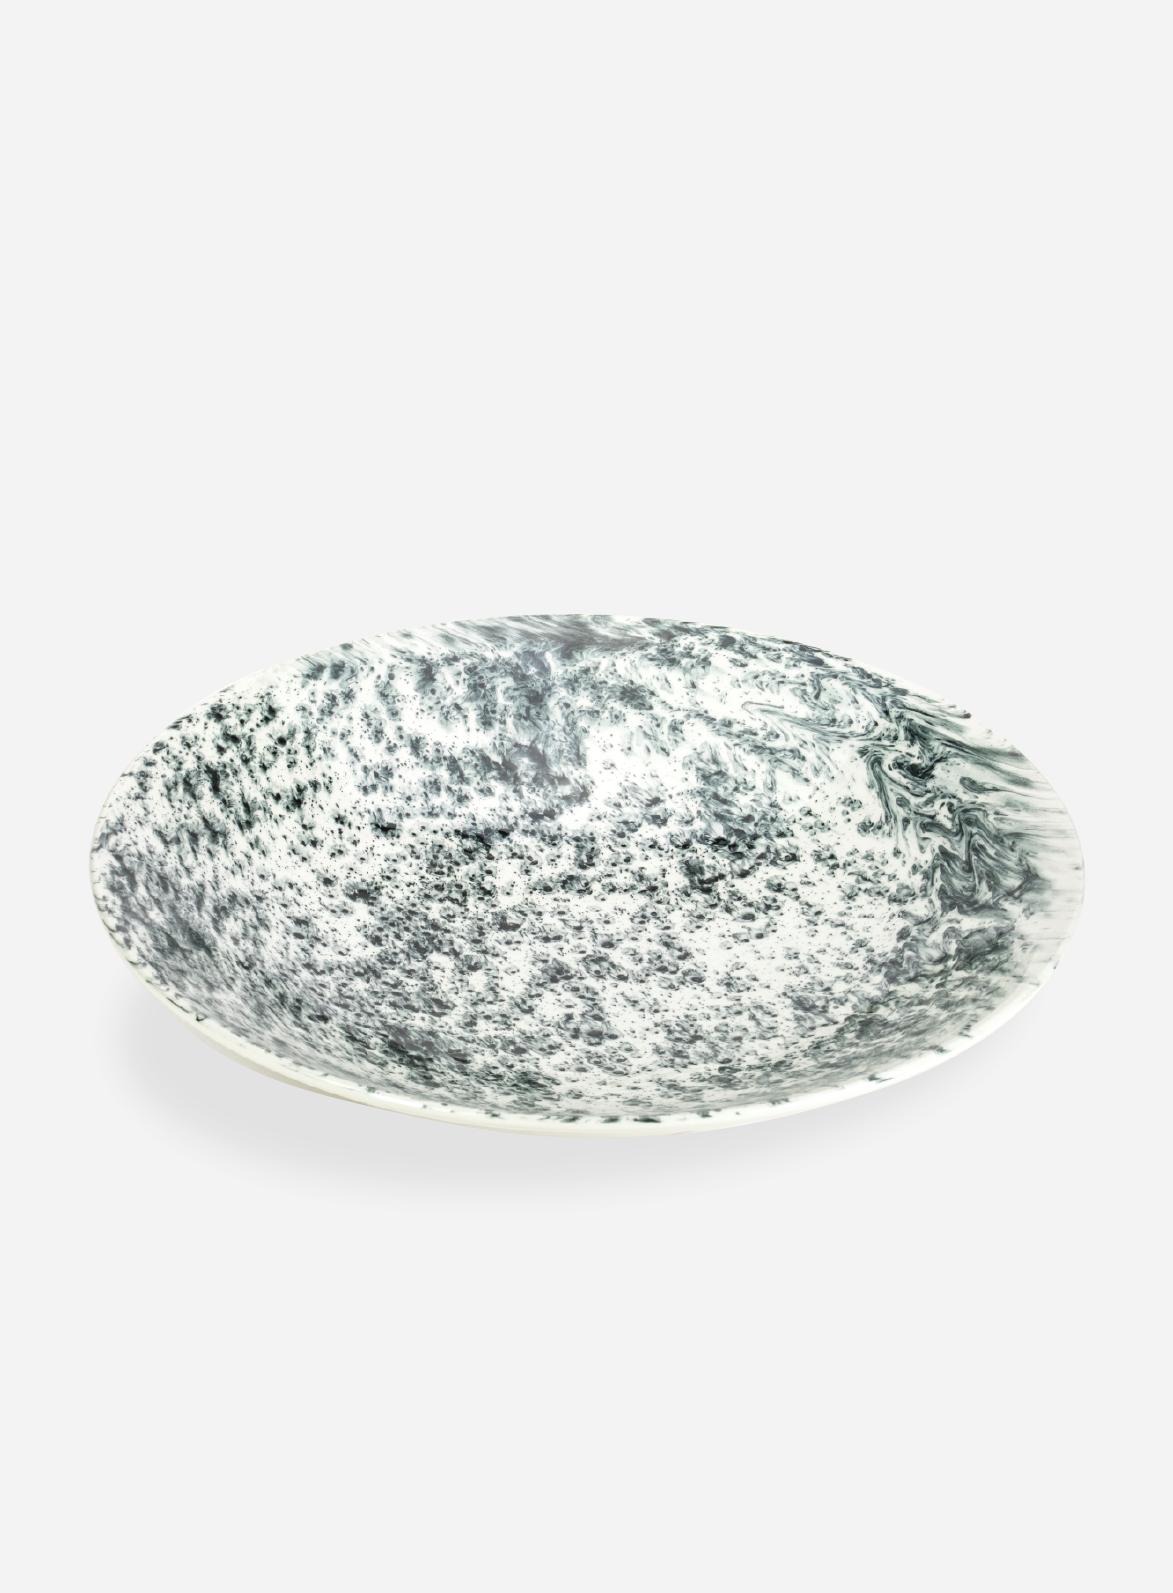 large_serving_bowl_final copy